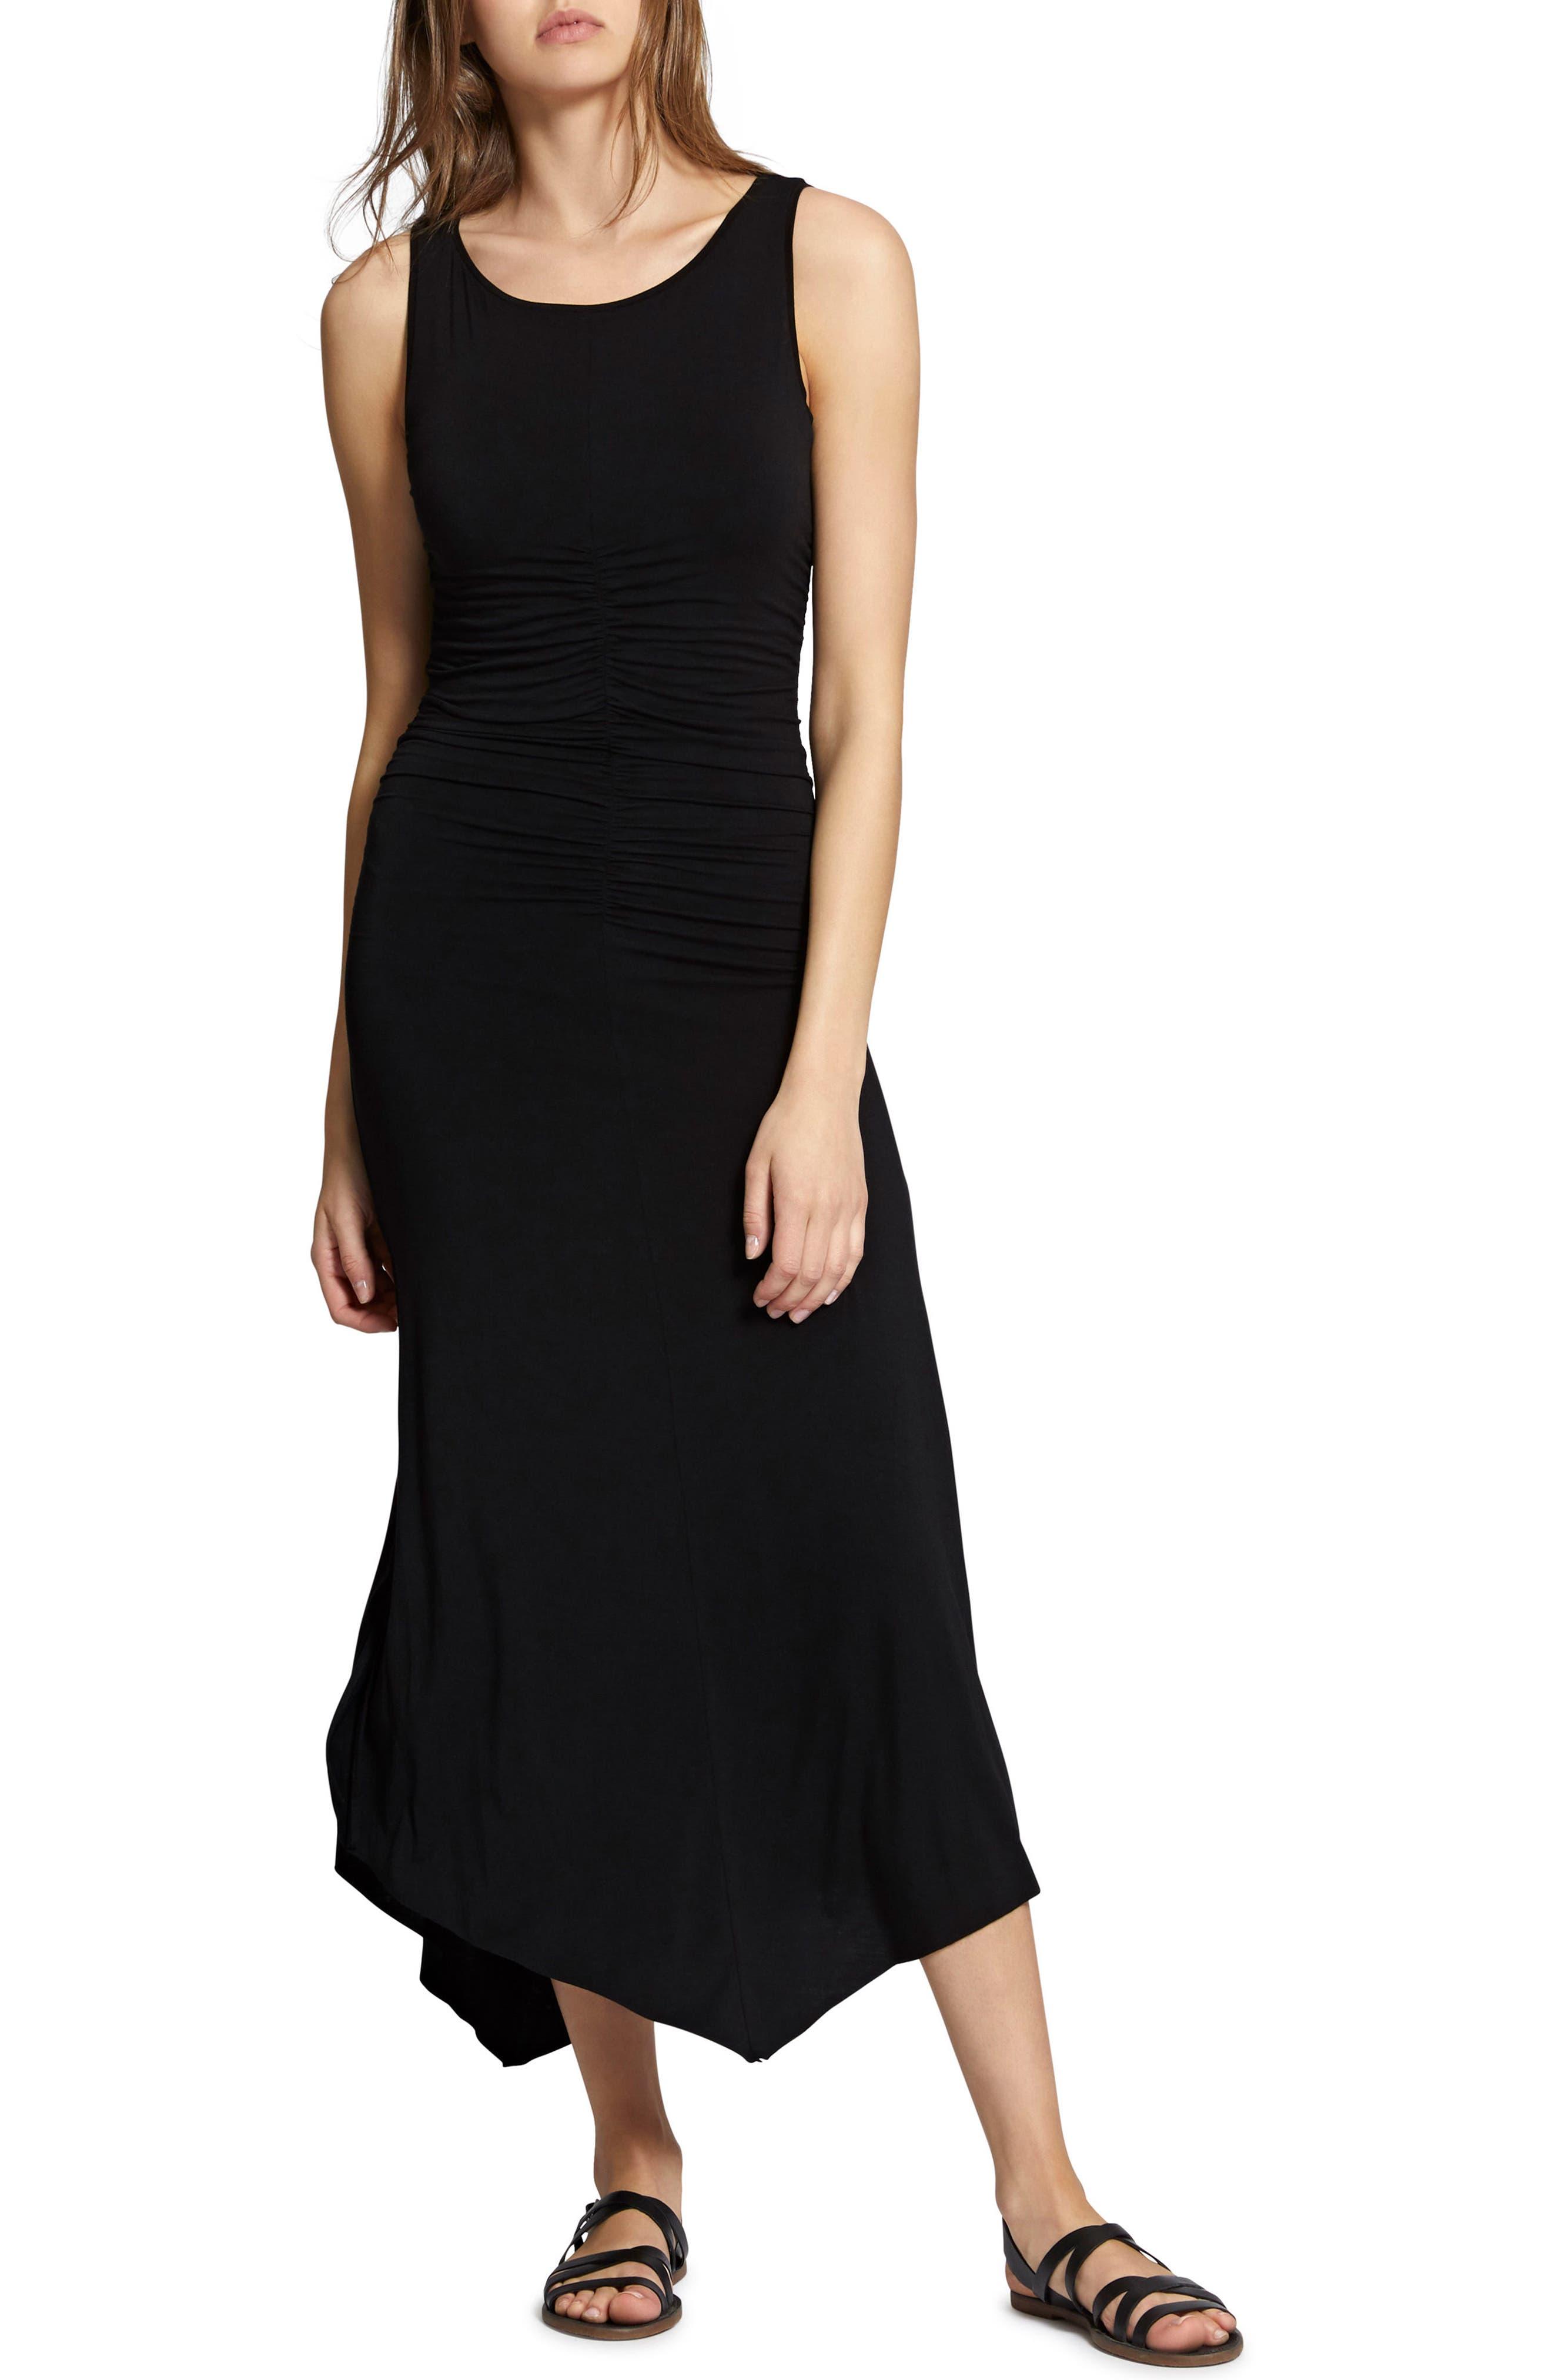 Samba Midi Tank Dress,                             Alternate thumbnail 4, color,                             Black